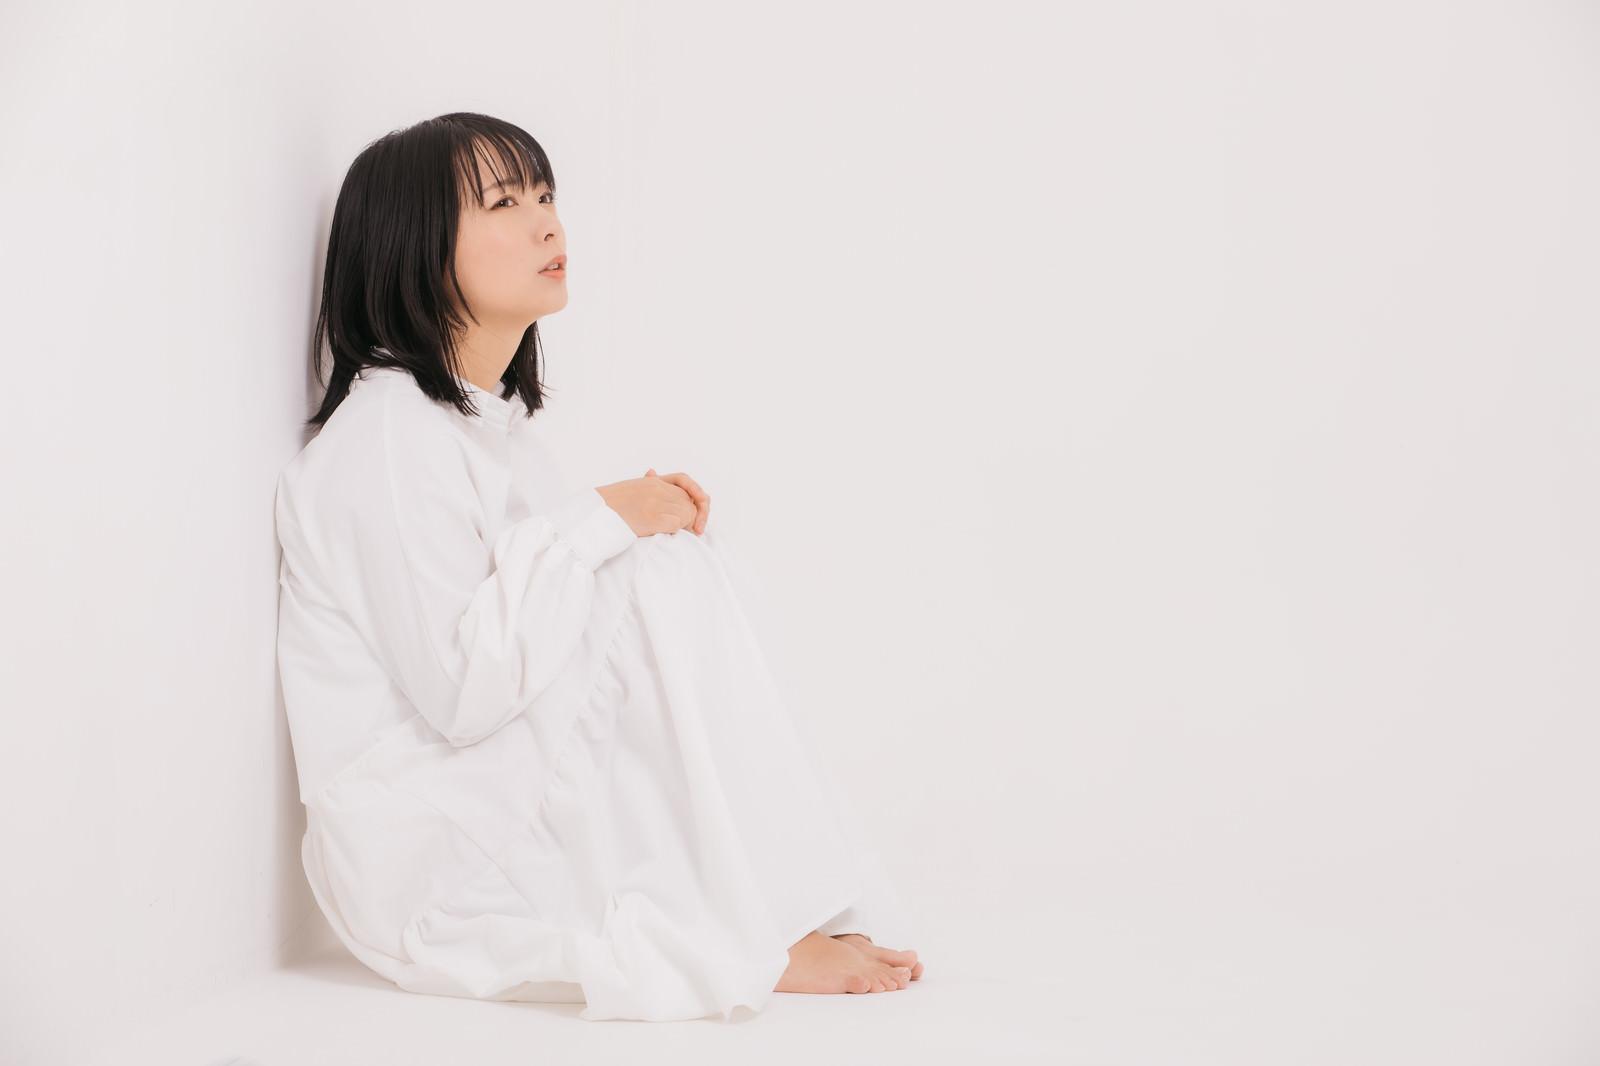 「隅っこで自粛する女性」の写真[モデル:にゃるる]